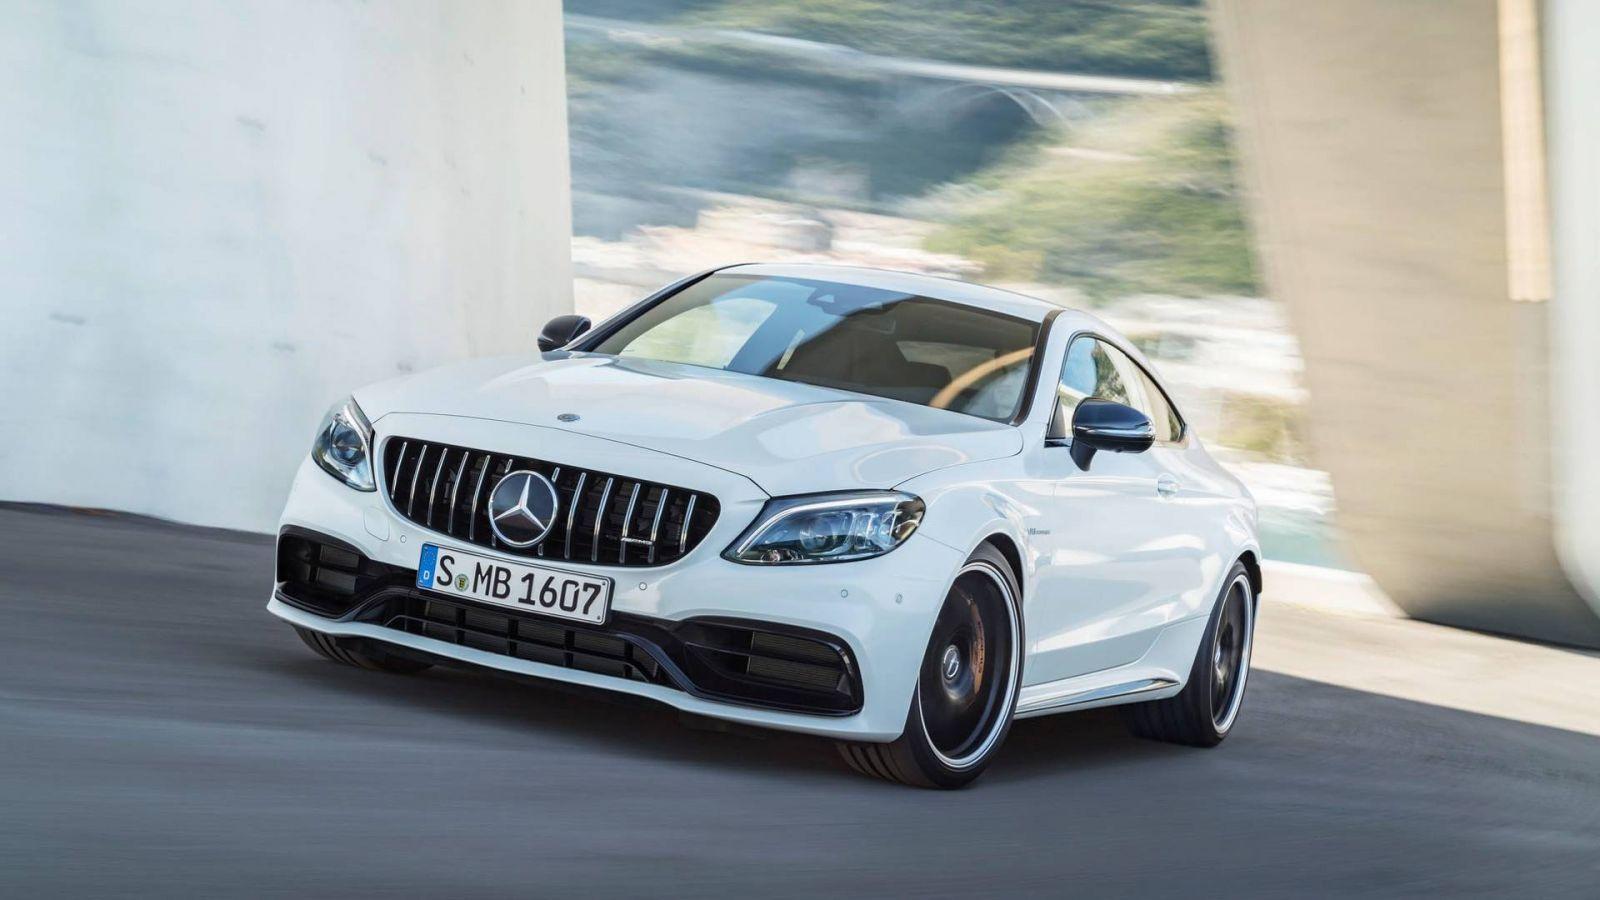 Mercedes Amg C63 2020 Novidades Da Nova Geracao Carro Bonito